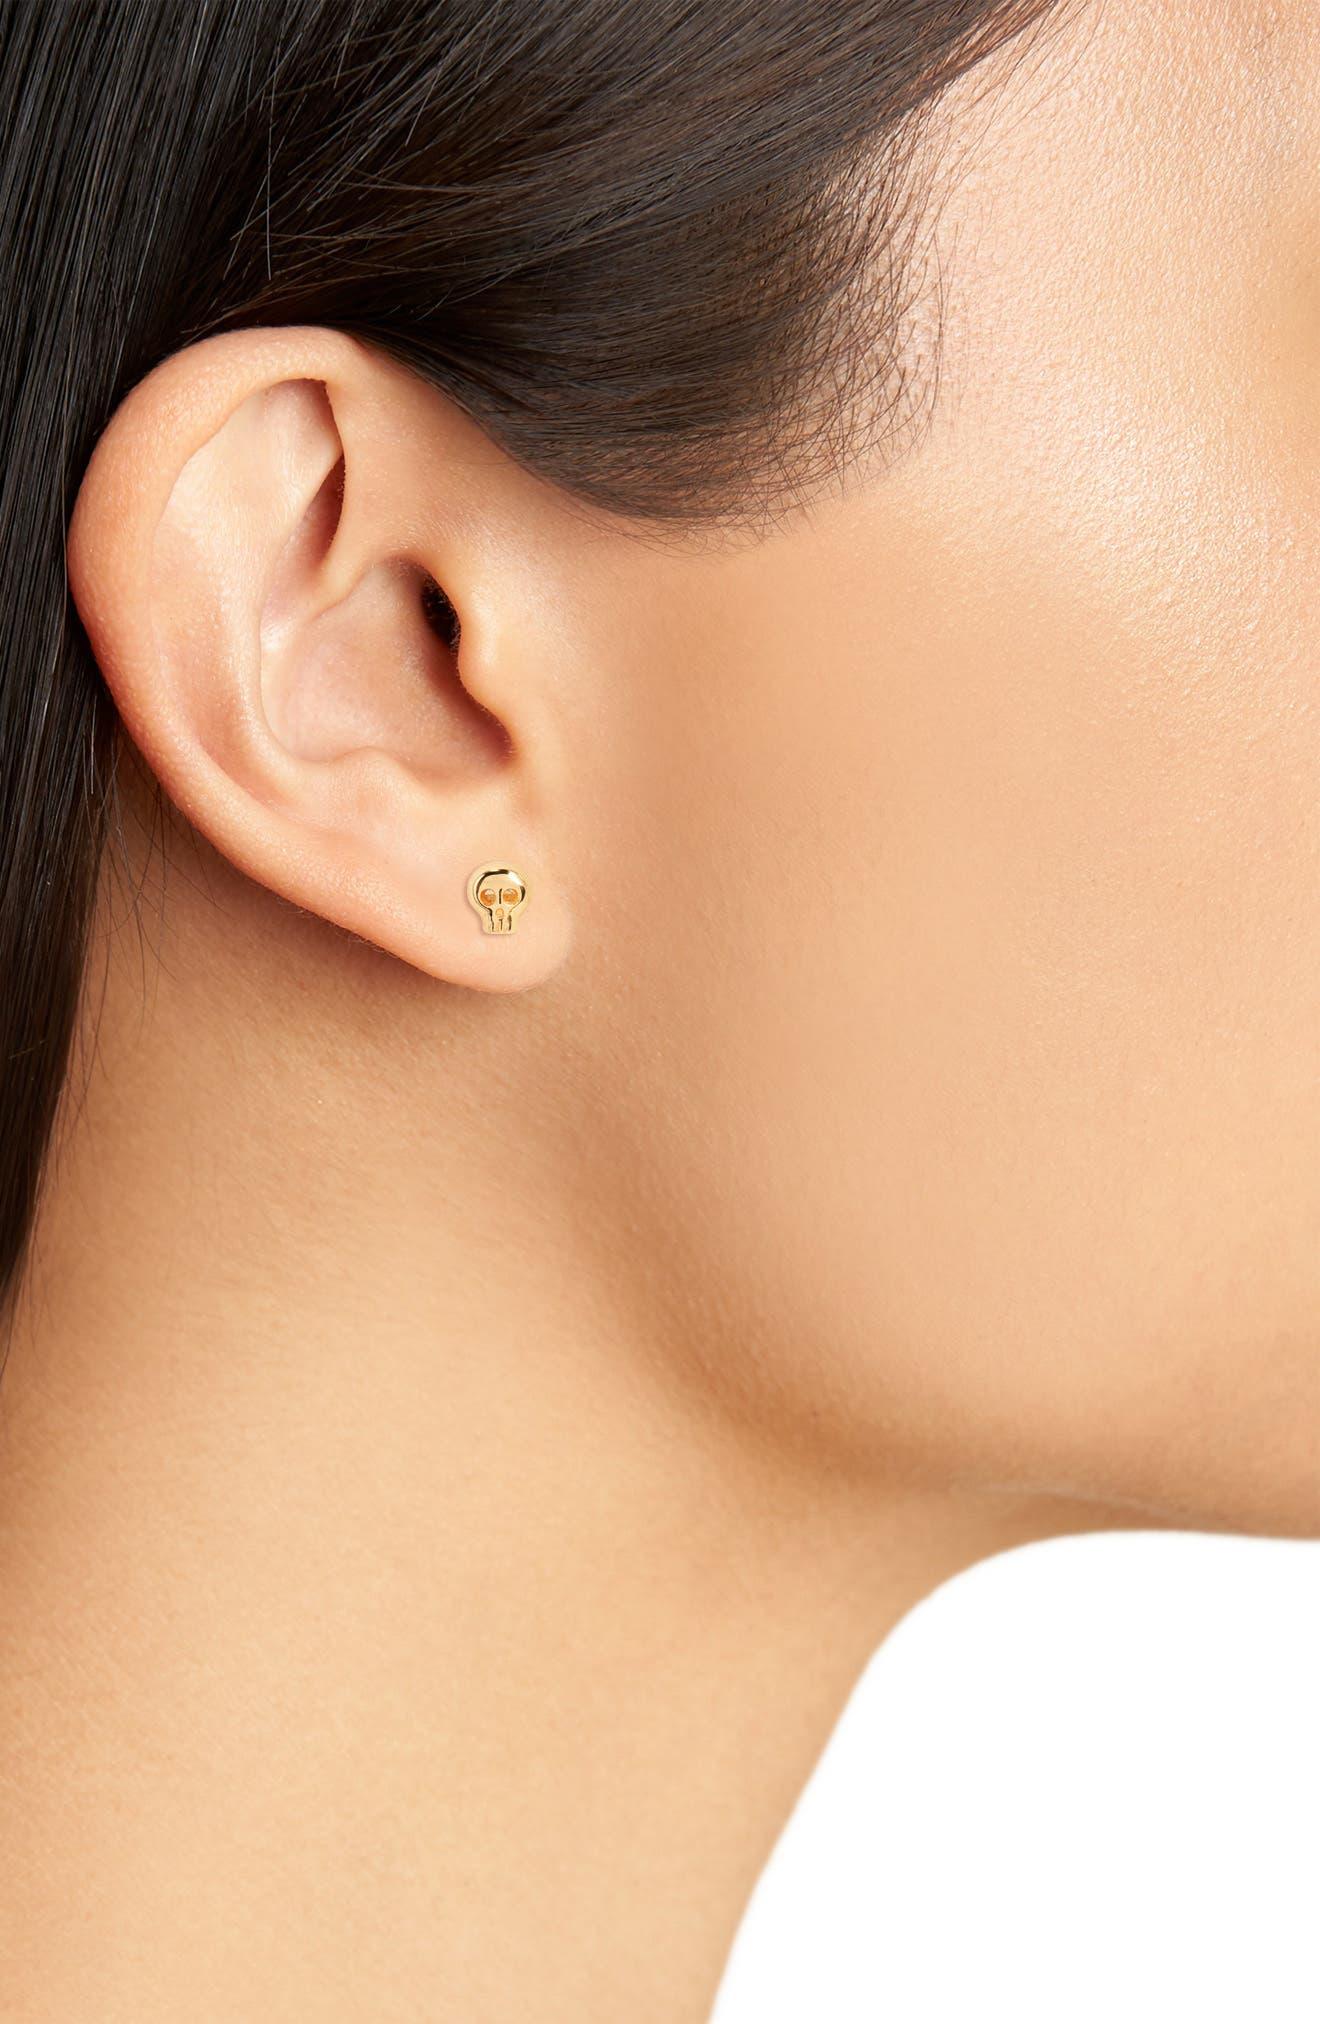 Skull Stud Earrings,                             Alternate thumbnail 3, color,                             Gold